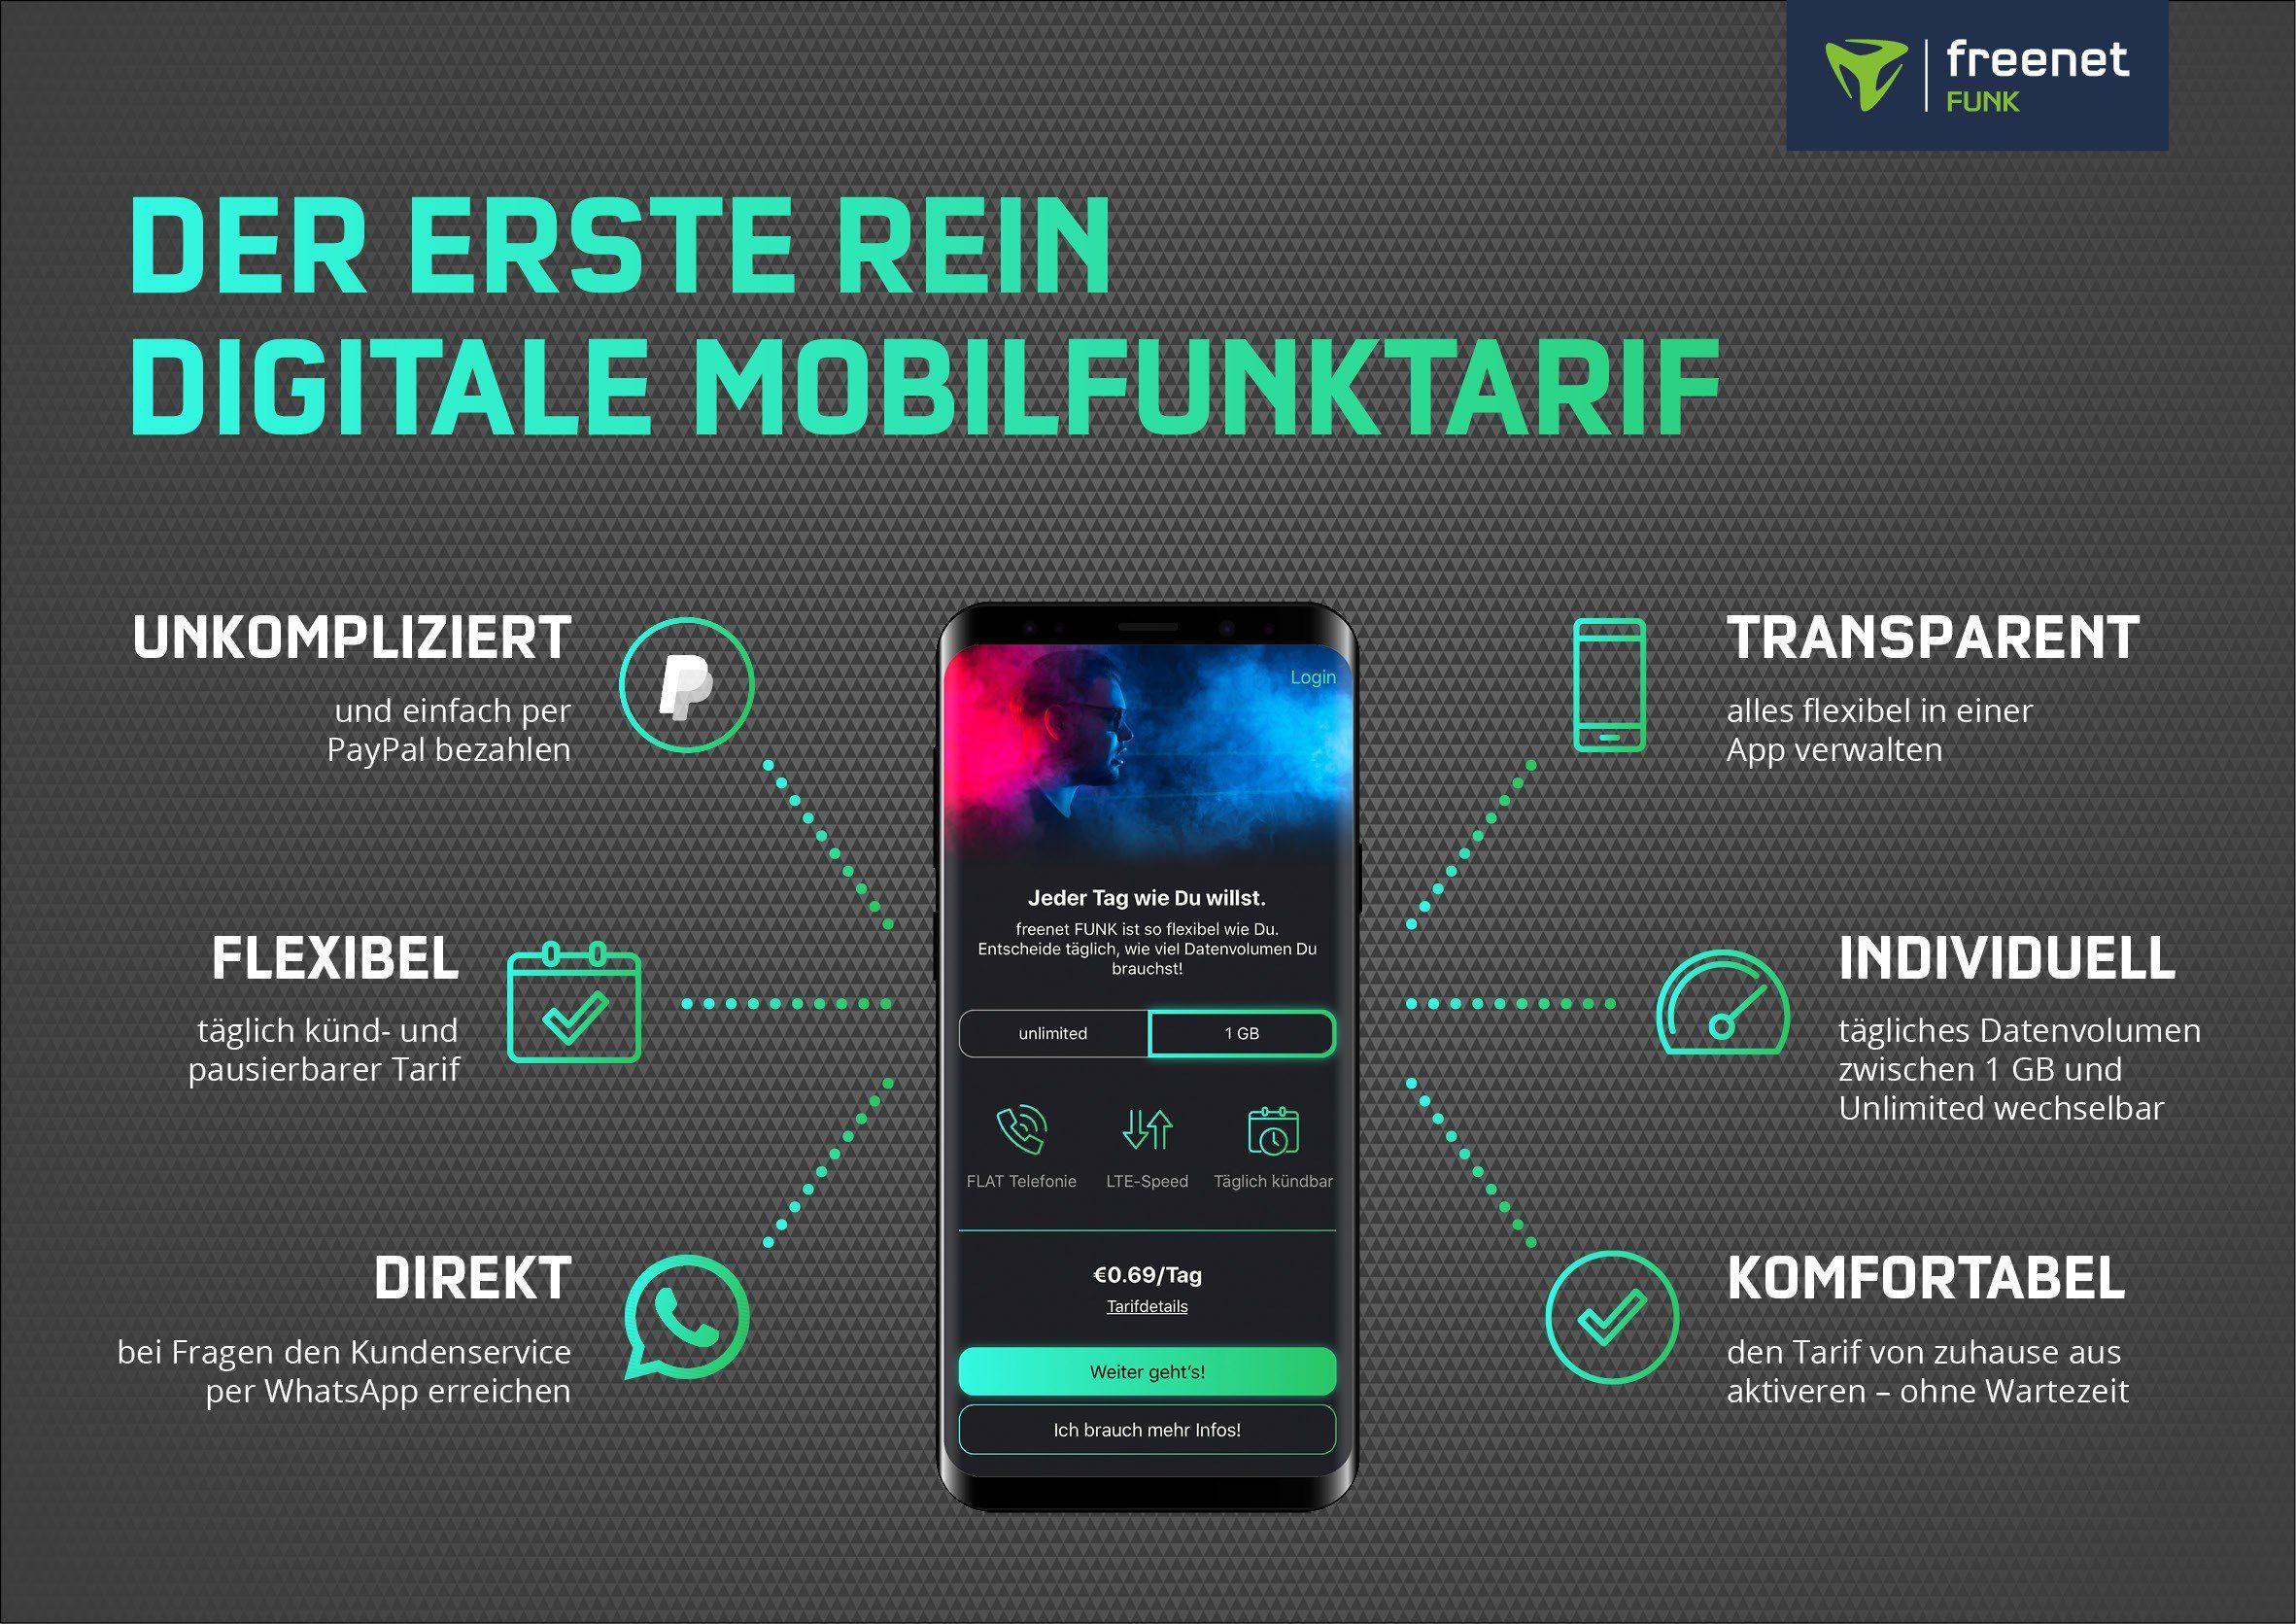 o2 Tarif von Freenet FUNK mit Tele /SMS Flat + 1GB/Tag für 0,69€/Tag oder unlimited LTE Max. 0,99€/Tag